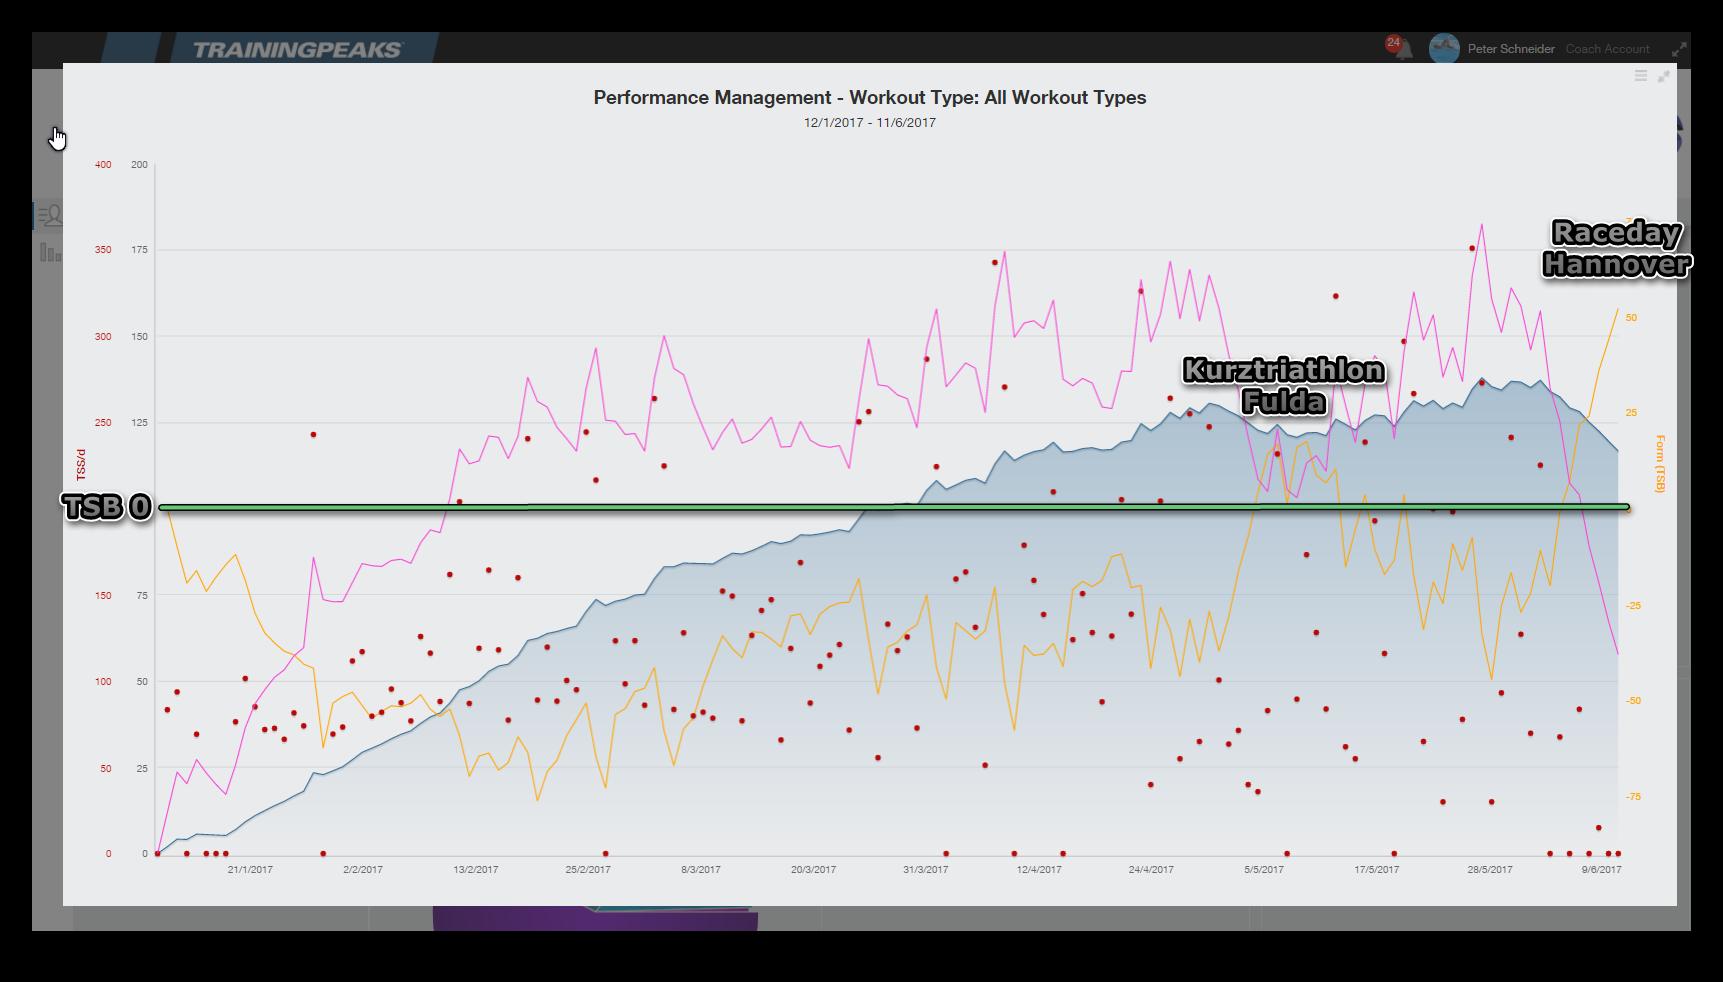 Ironman Trainingssteuerung 2017 Performance Management Chart